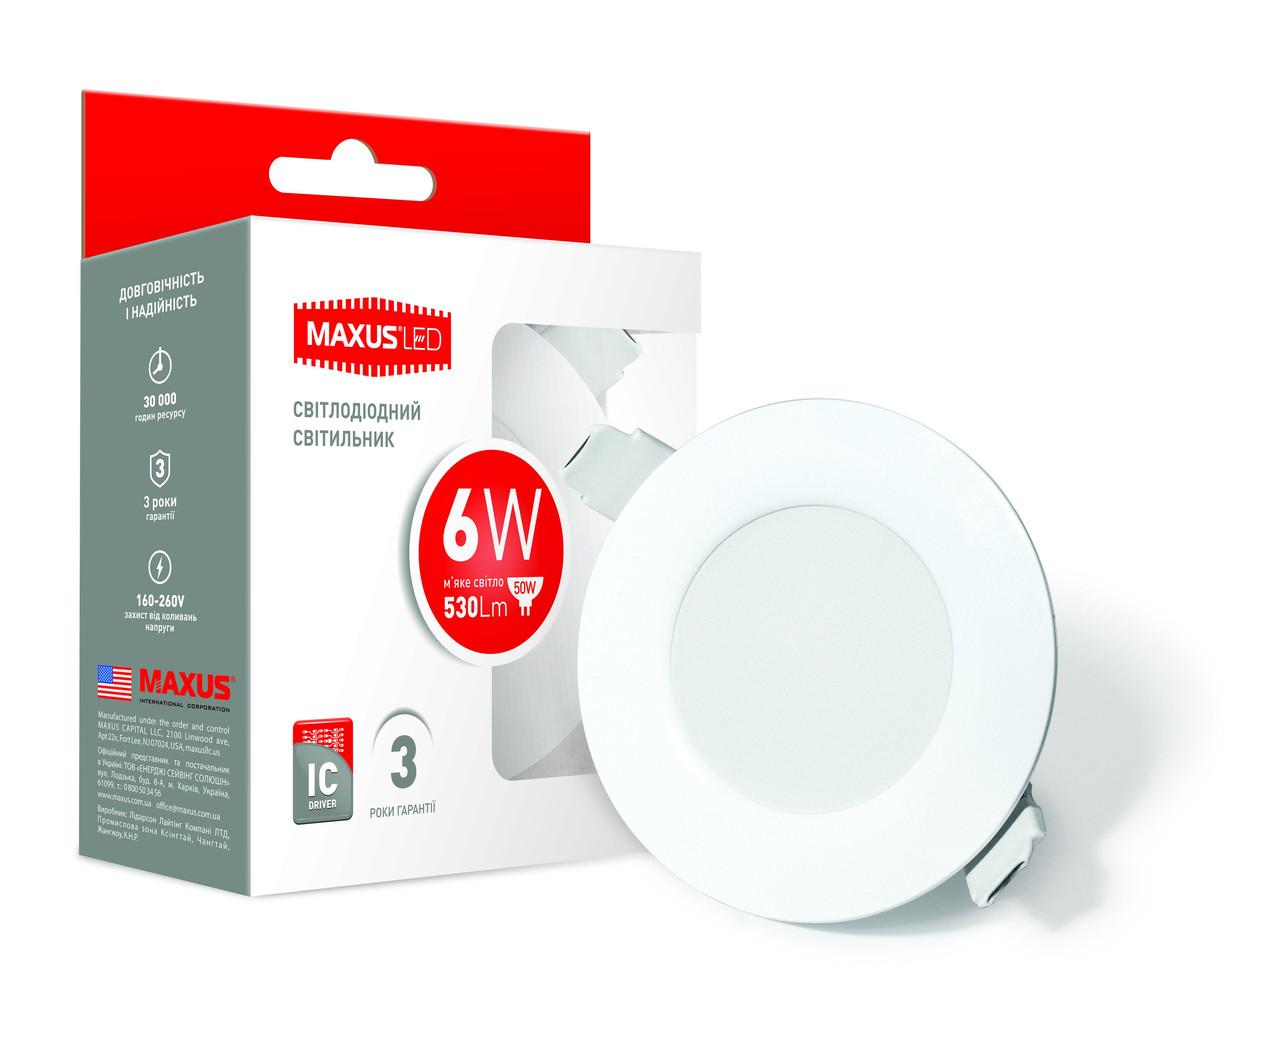 Світлодіодний світильник точковий MAXUS LED SDL mini 6W 4100K (1-SDL-004-01)